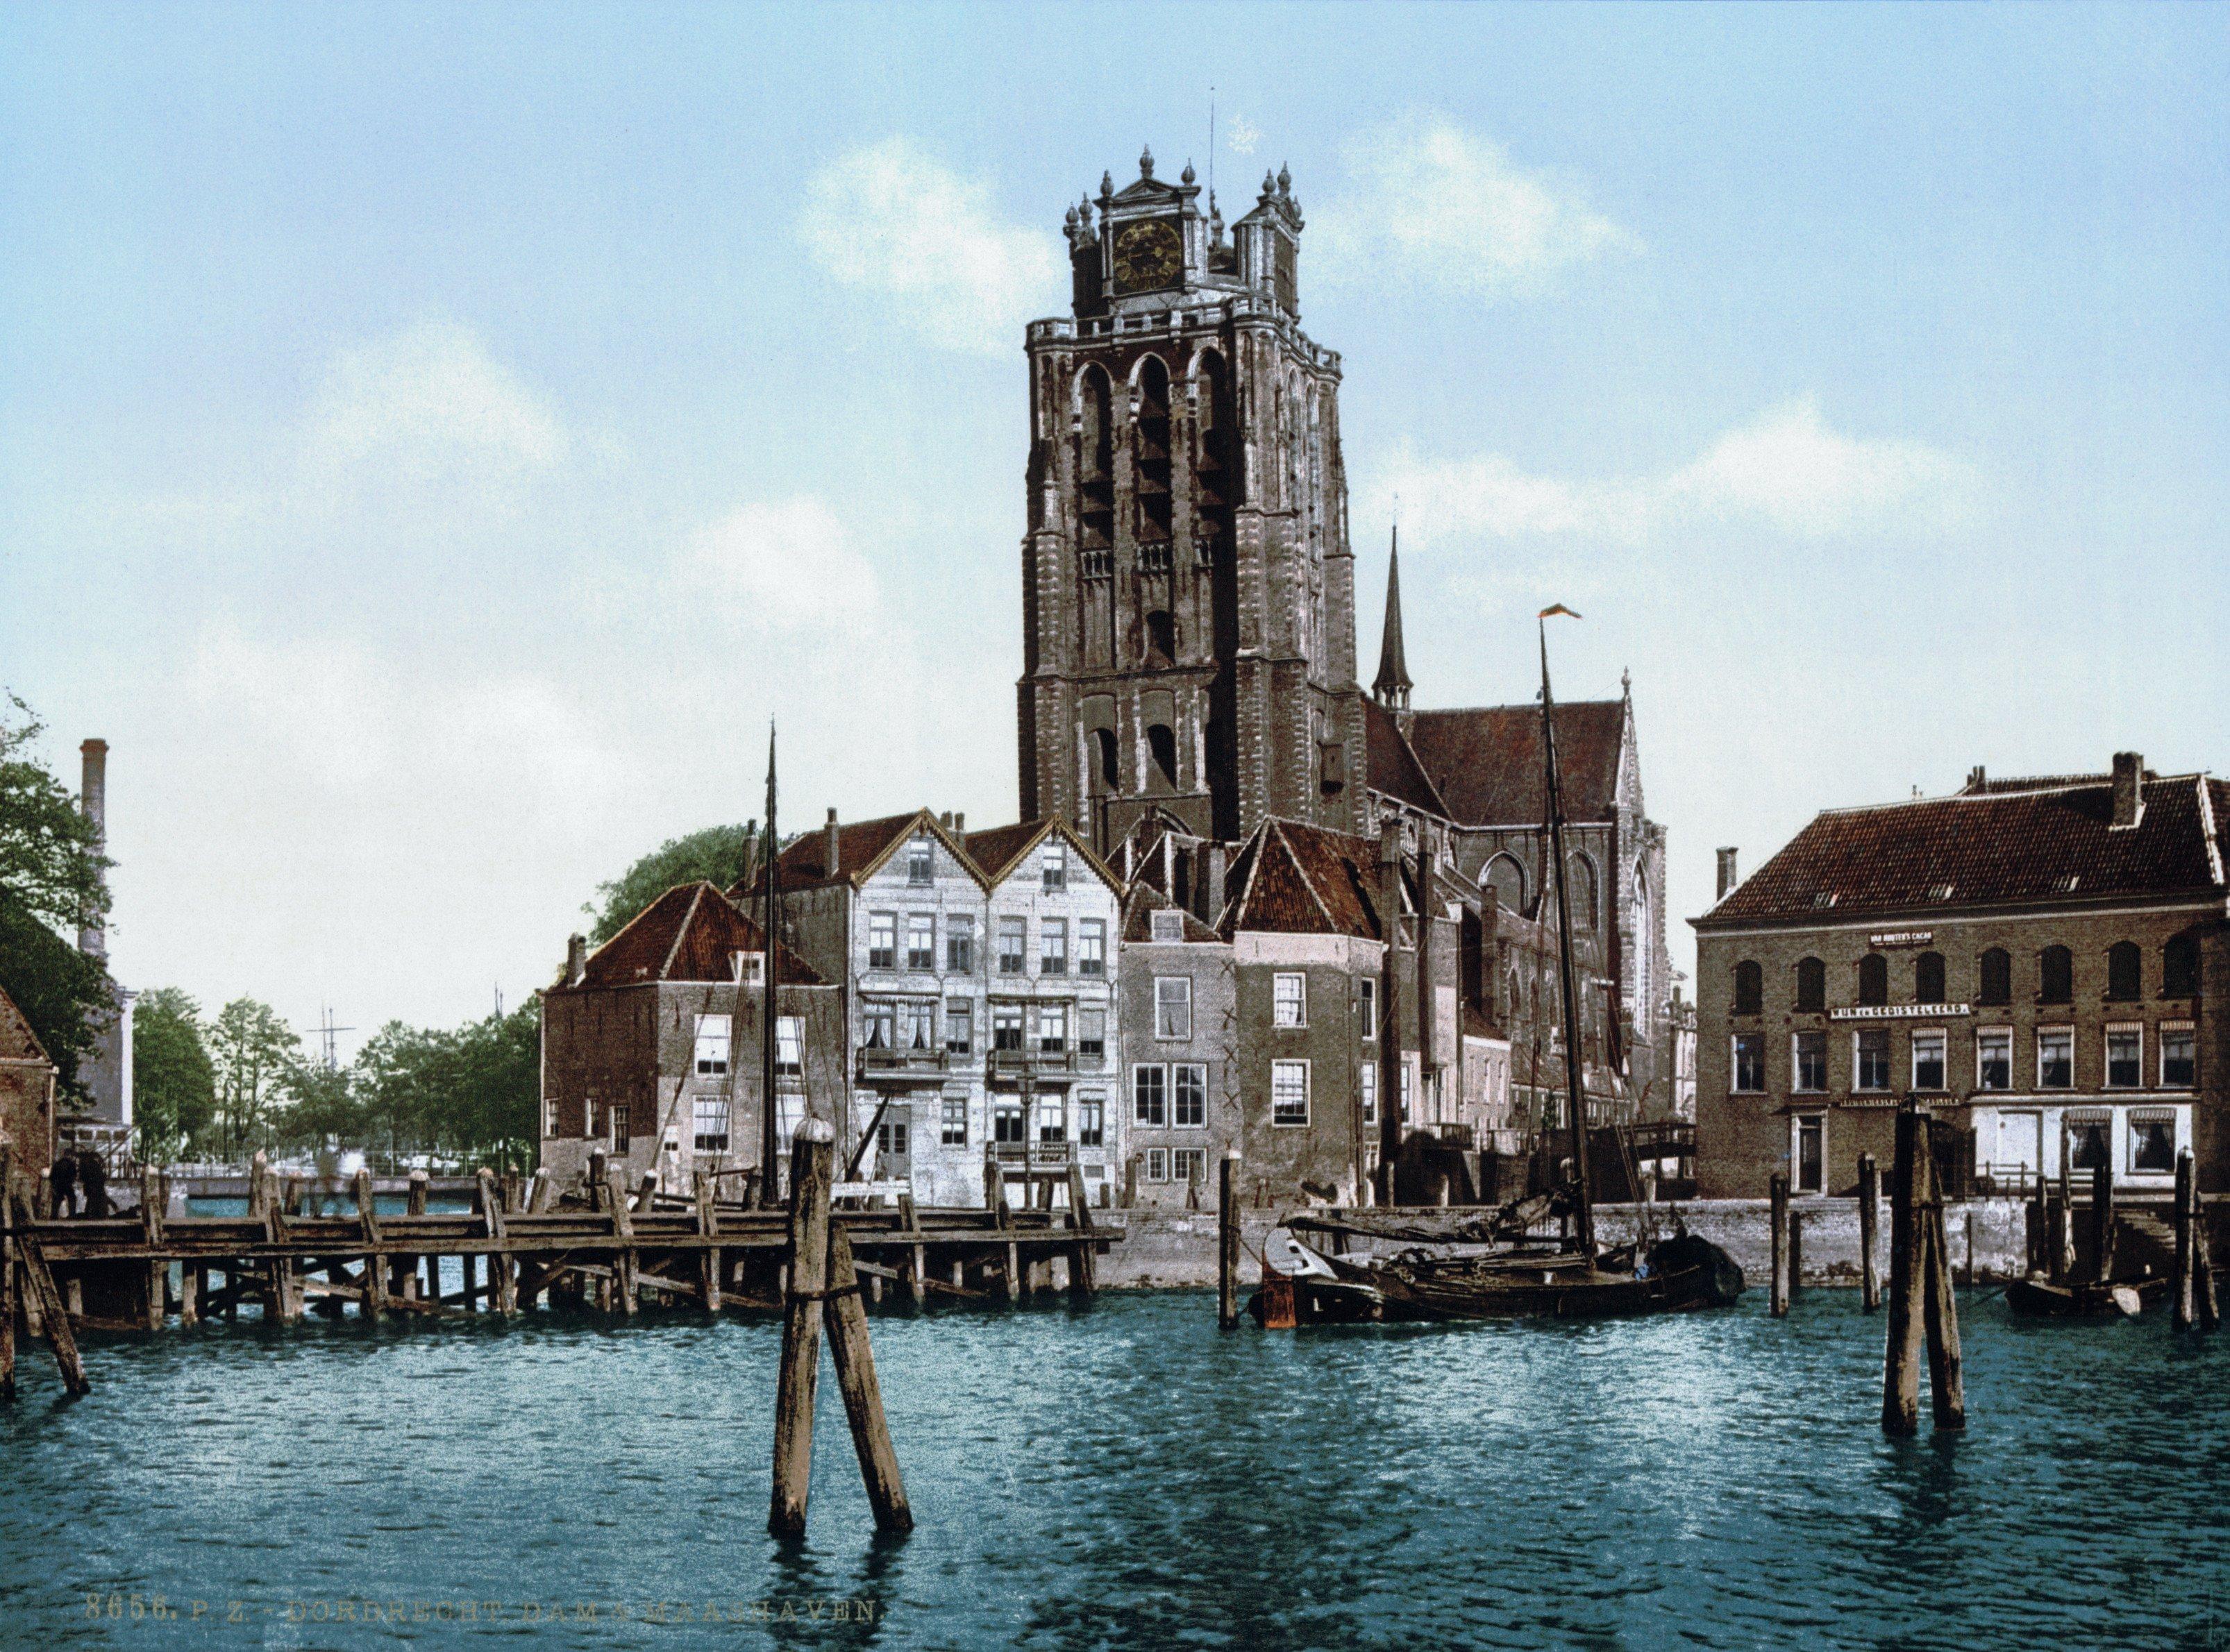 123Wonen groeit verder: opening van kantoor Dordrecht